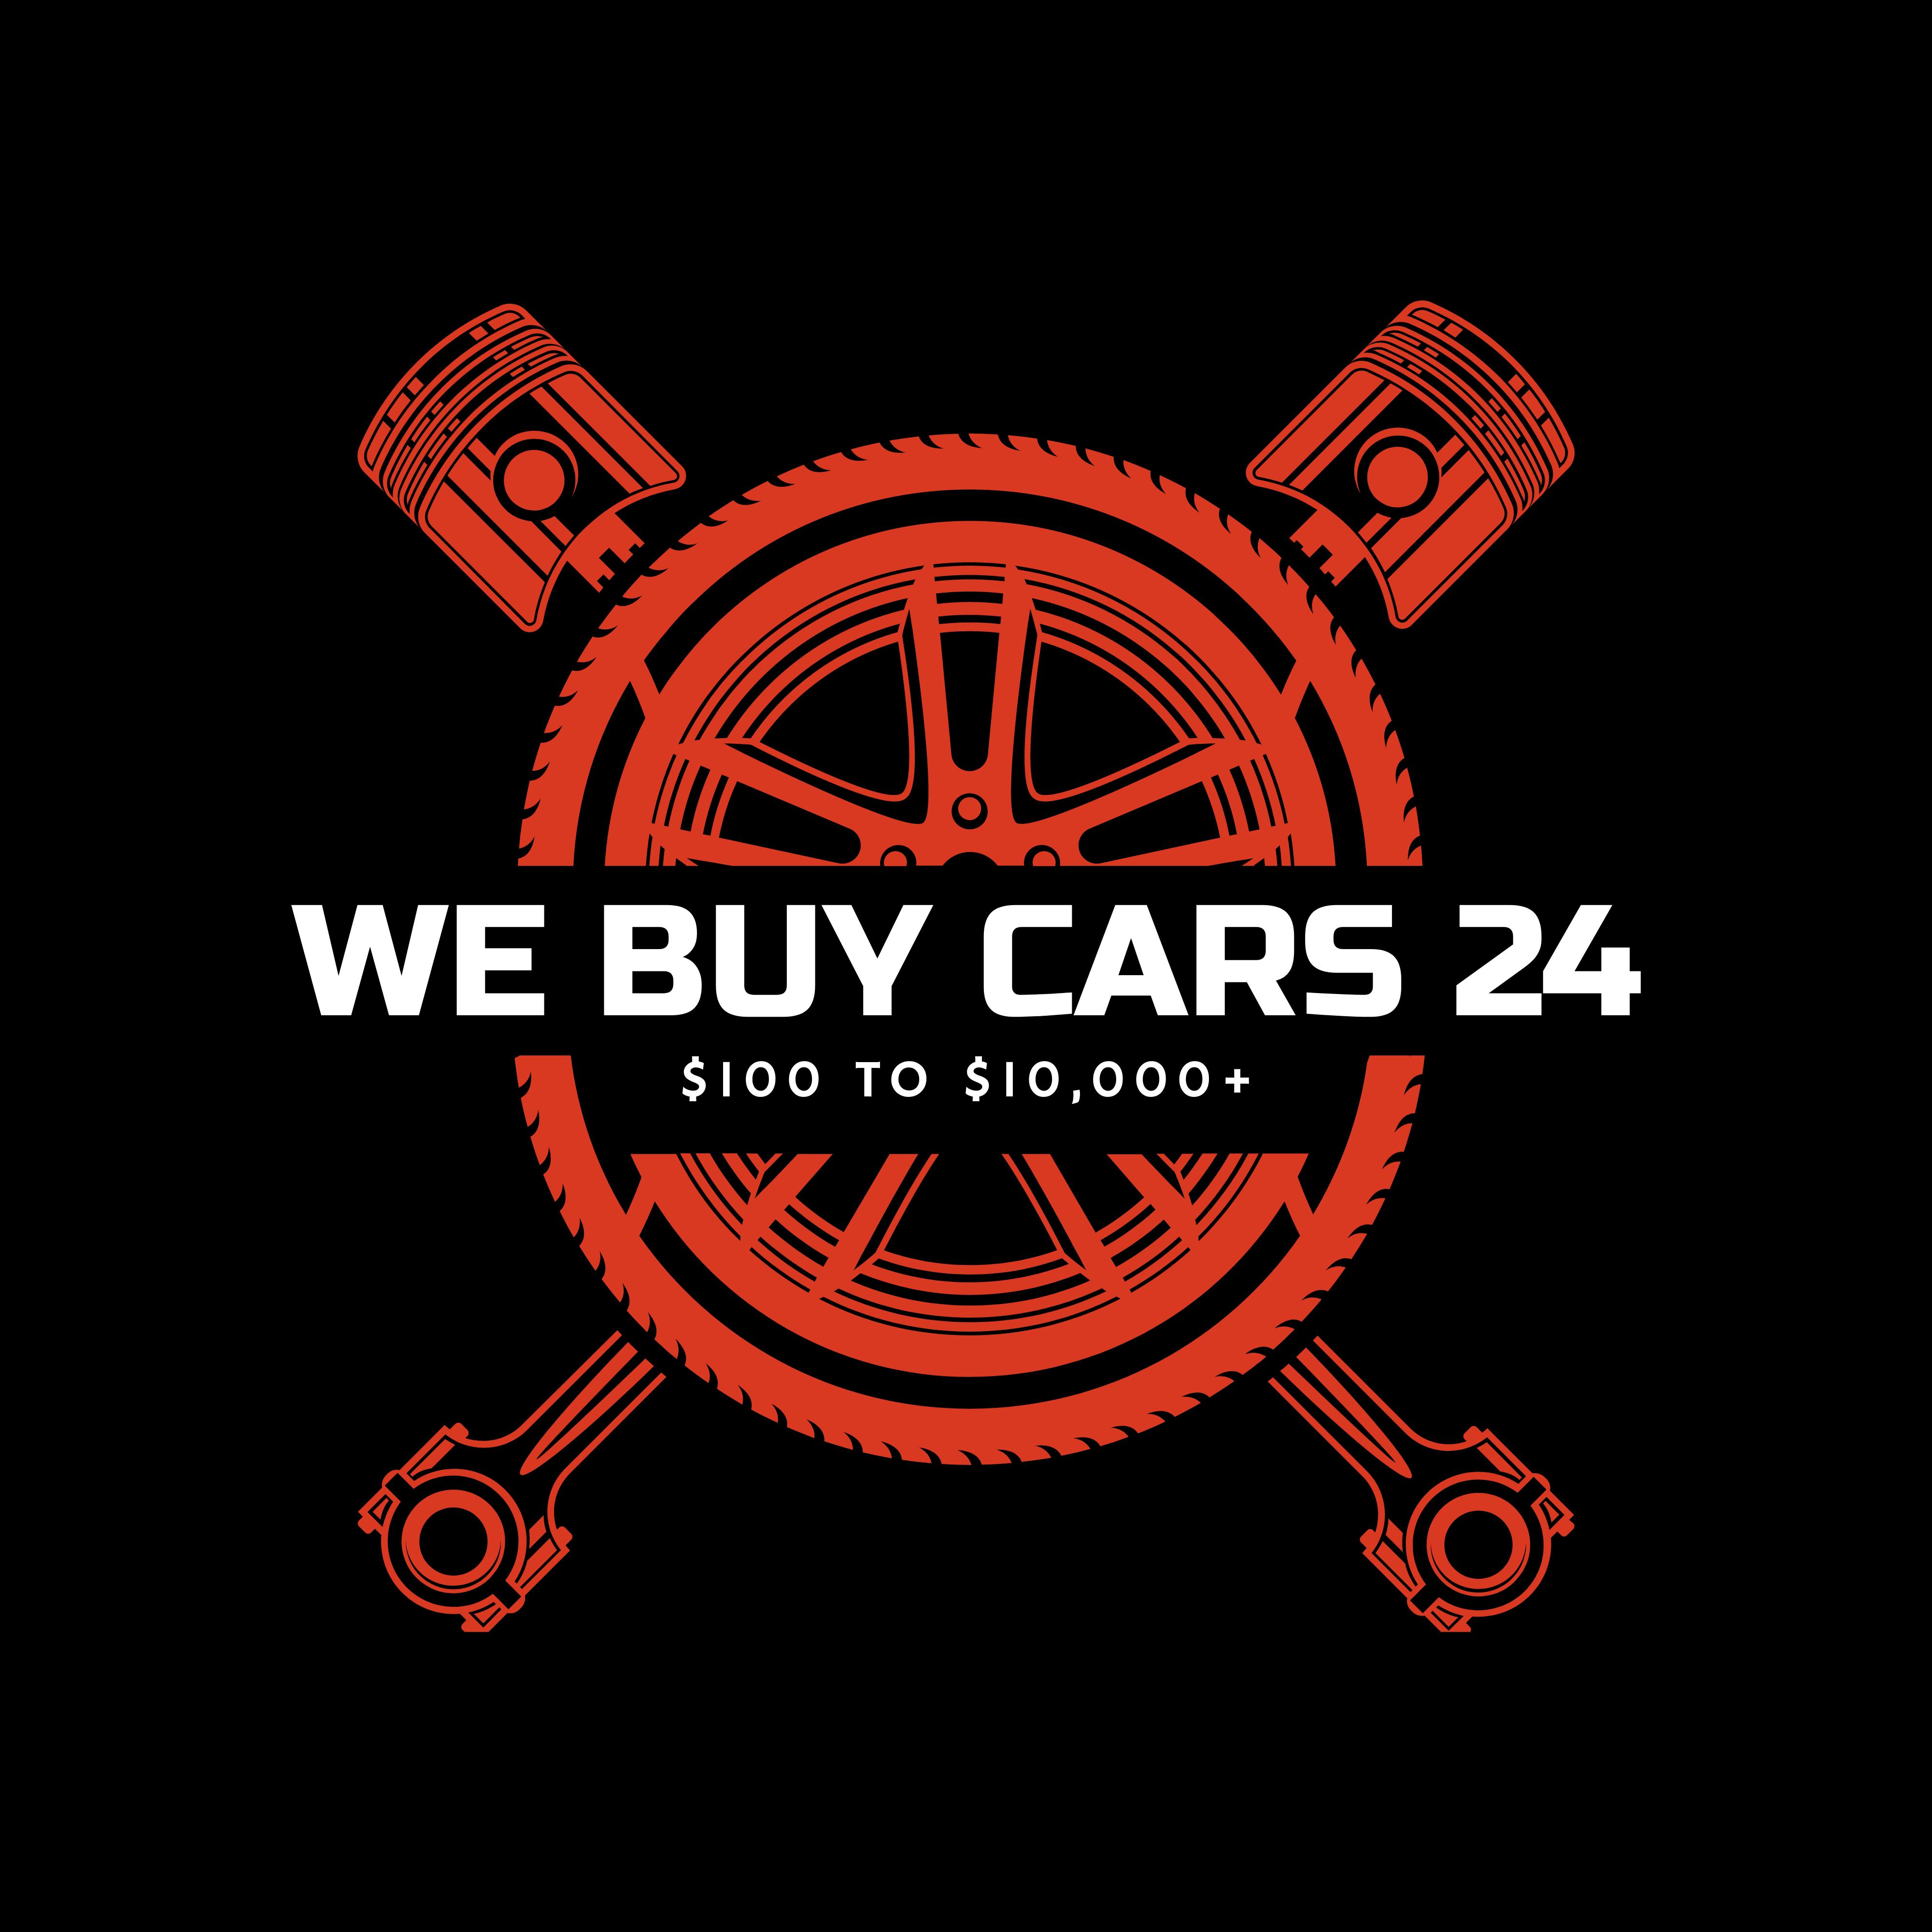 WE BUY CARS 24